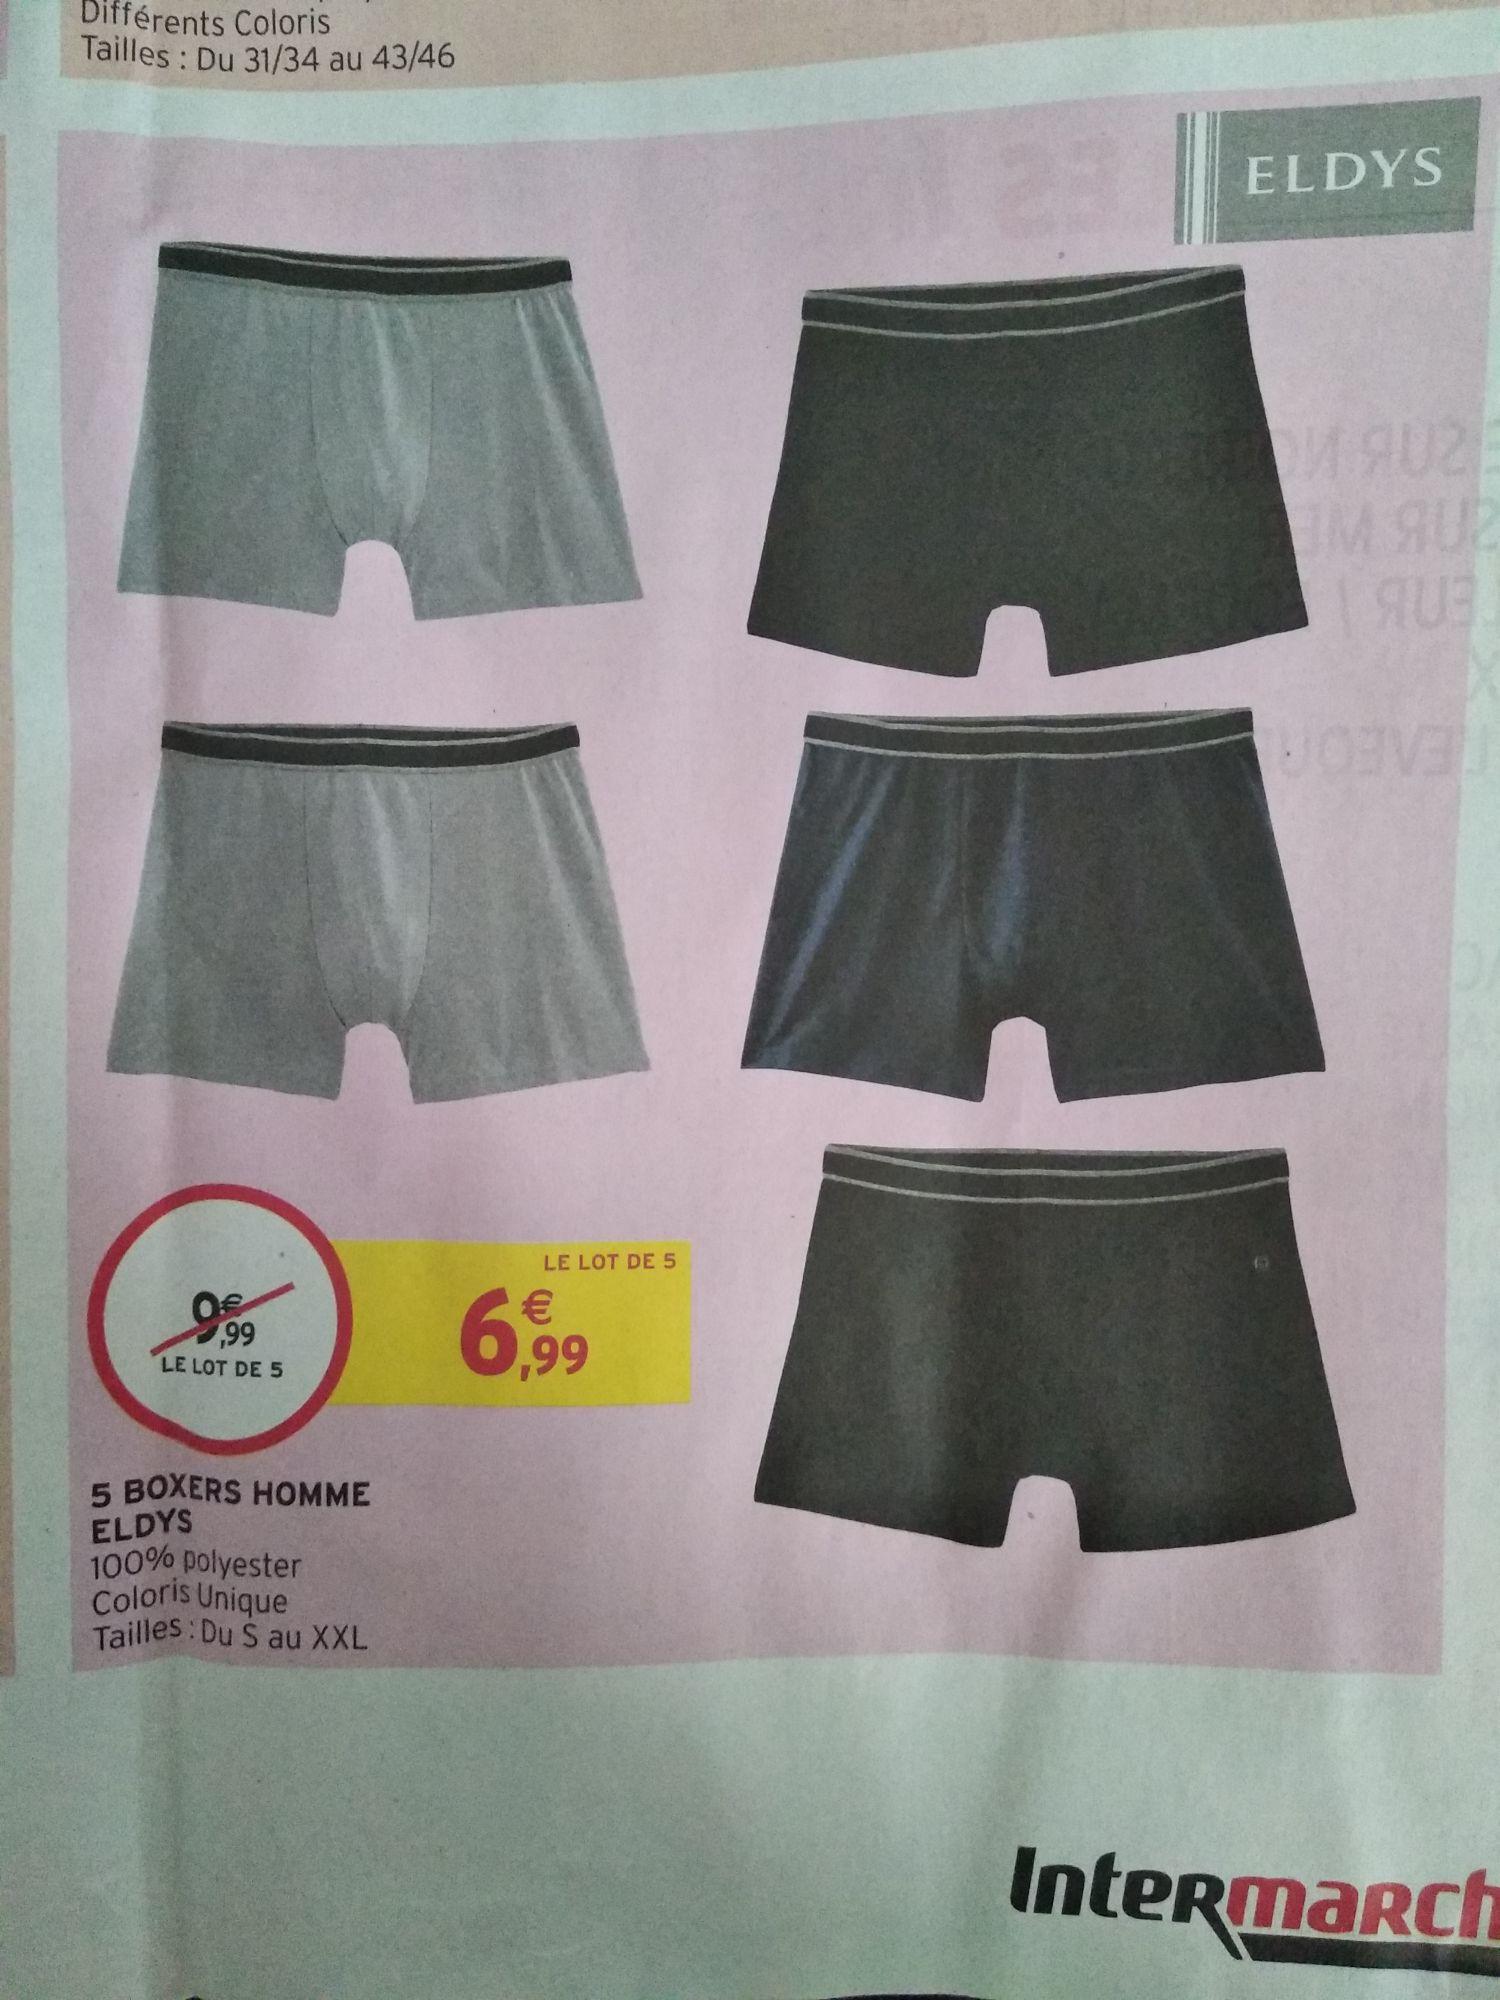 Lot de 5 boxers Eldys - différents coloris (du S au XXL)